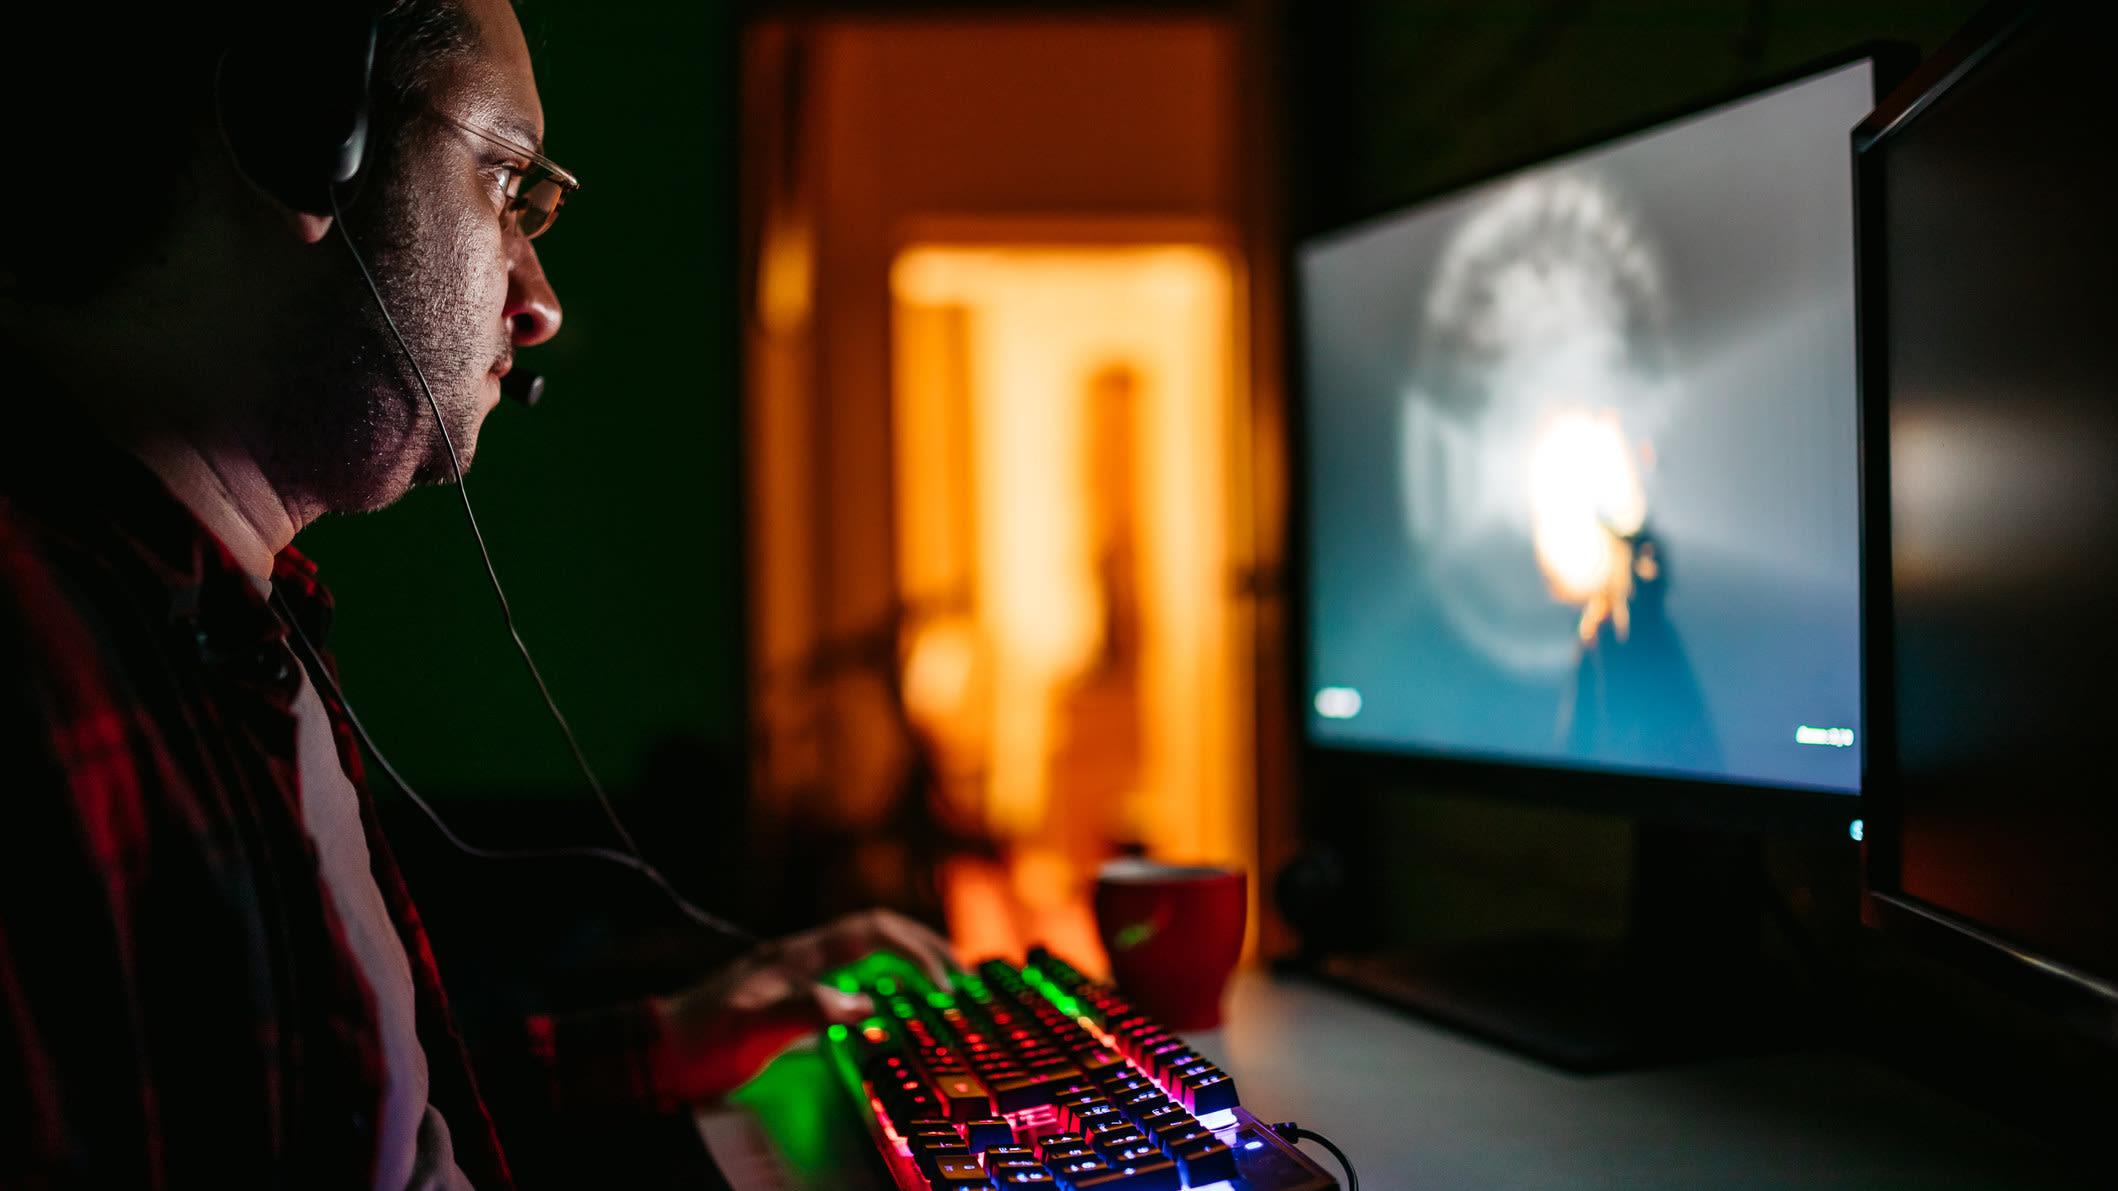 Entertainment, Gaming, Tastatur, Headset, Comptuerspiel Urheberrecht: GettyImages / urbazon